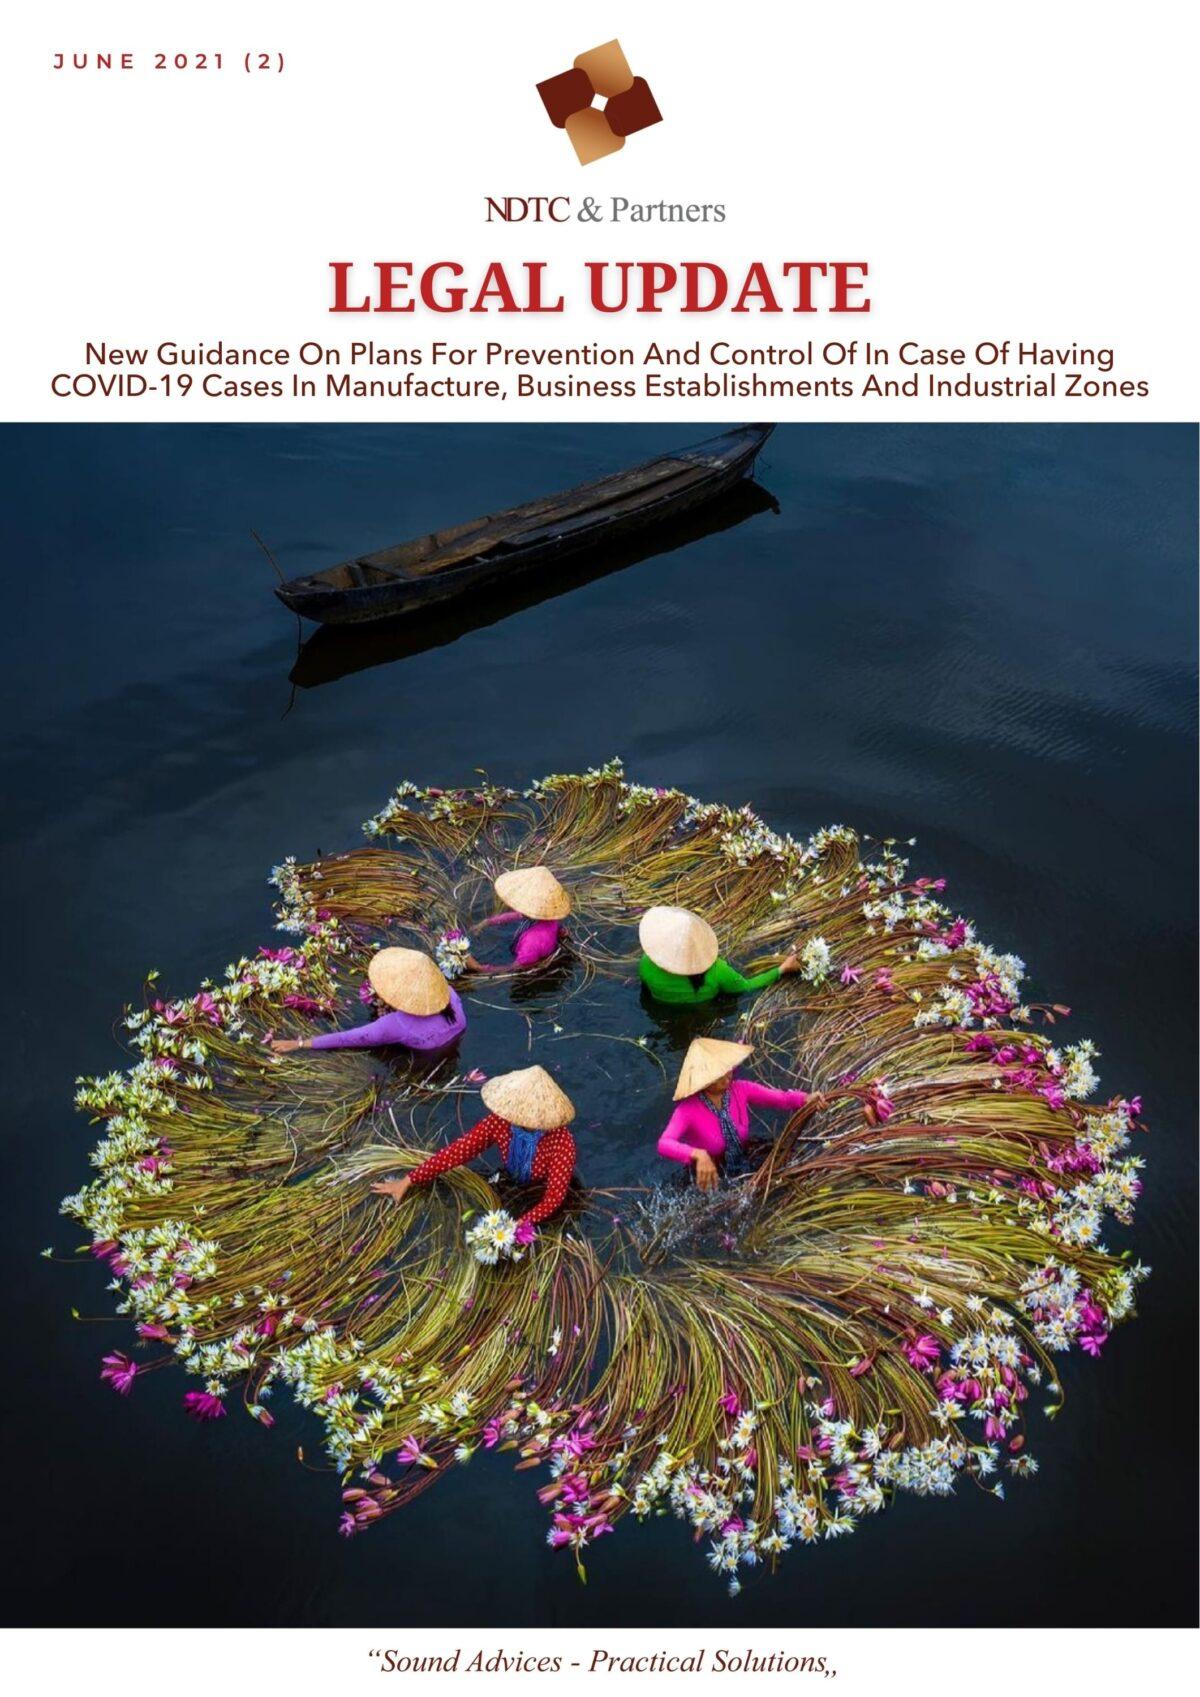 Legal Update June 2021 (2)